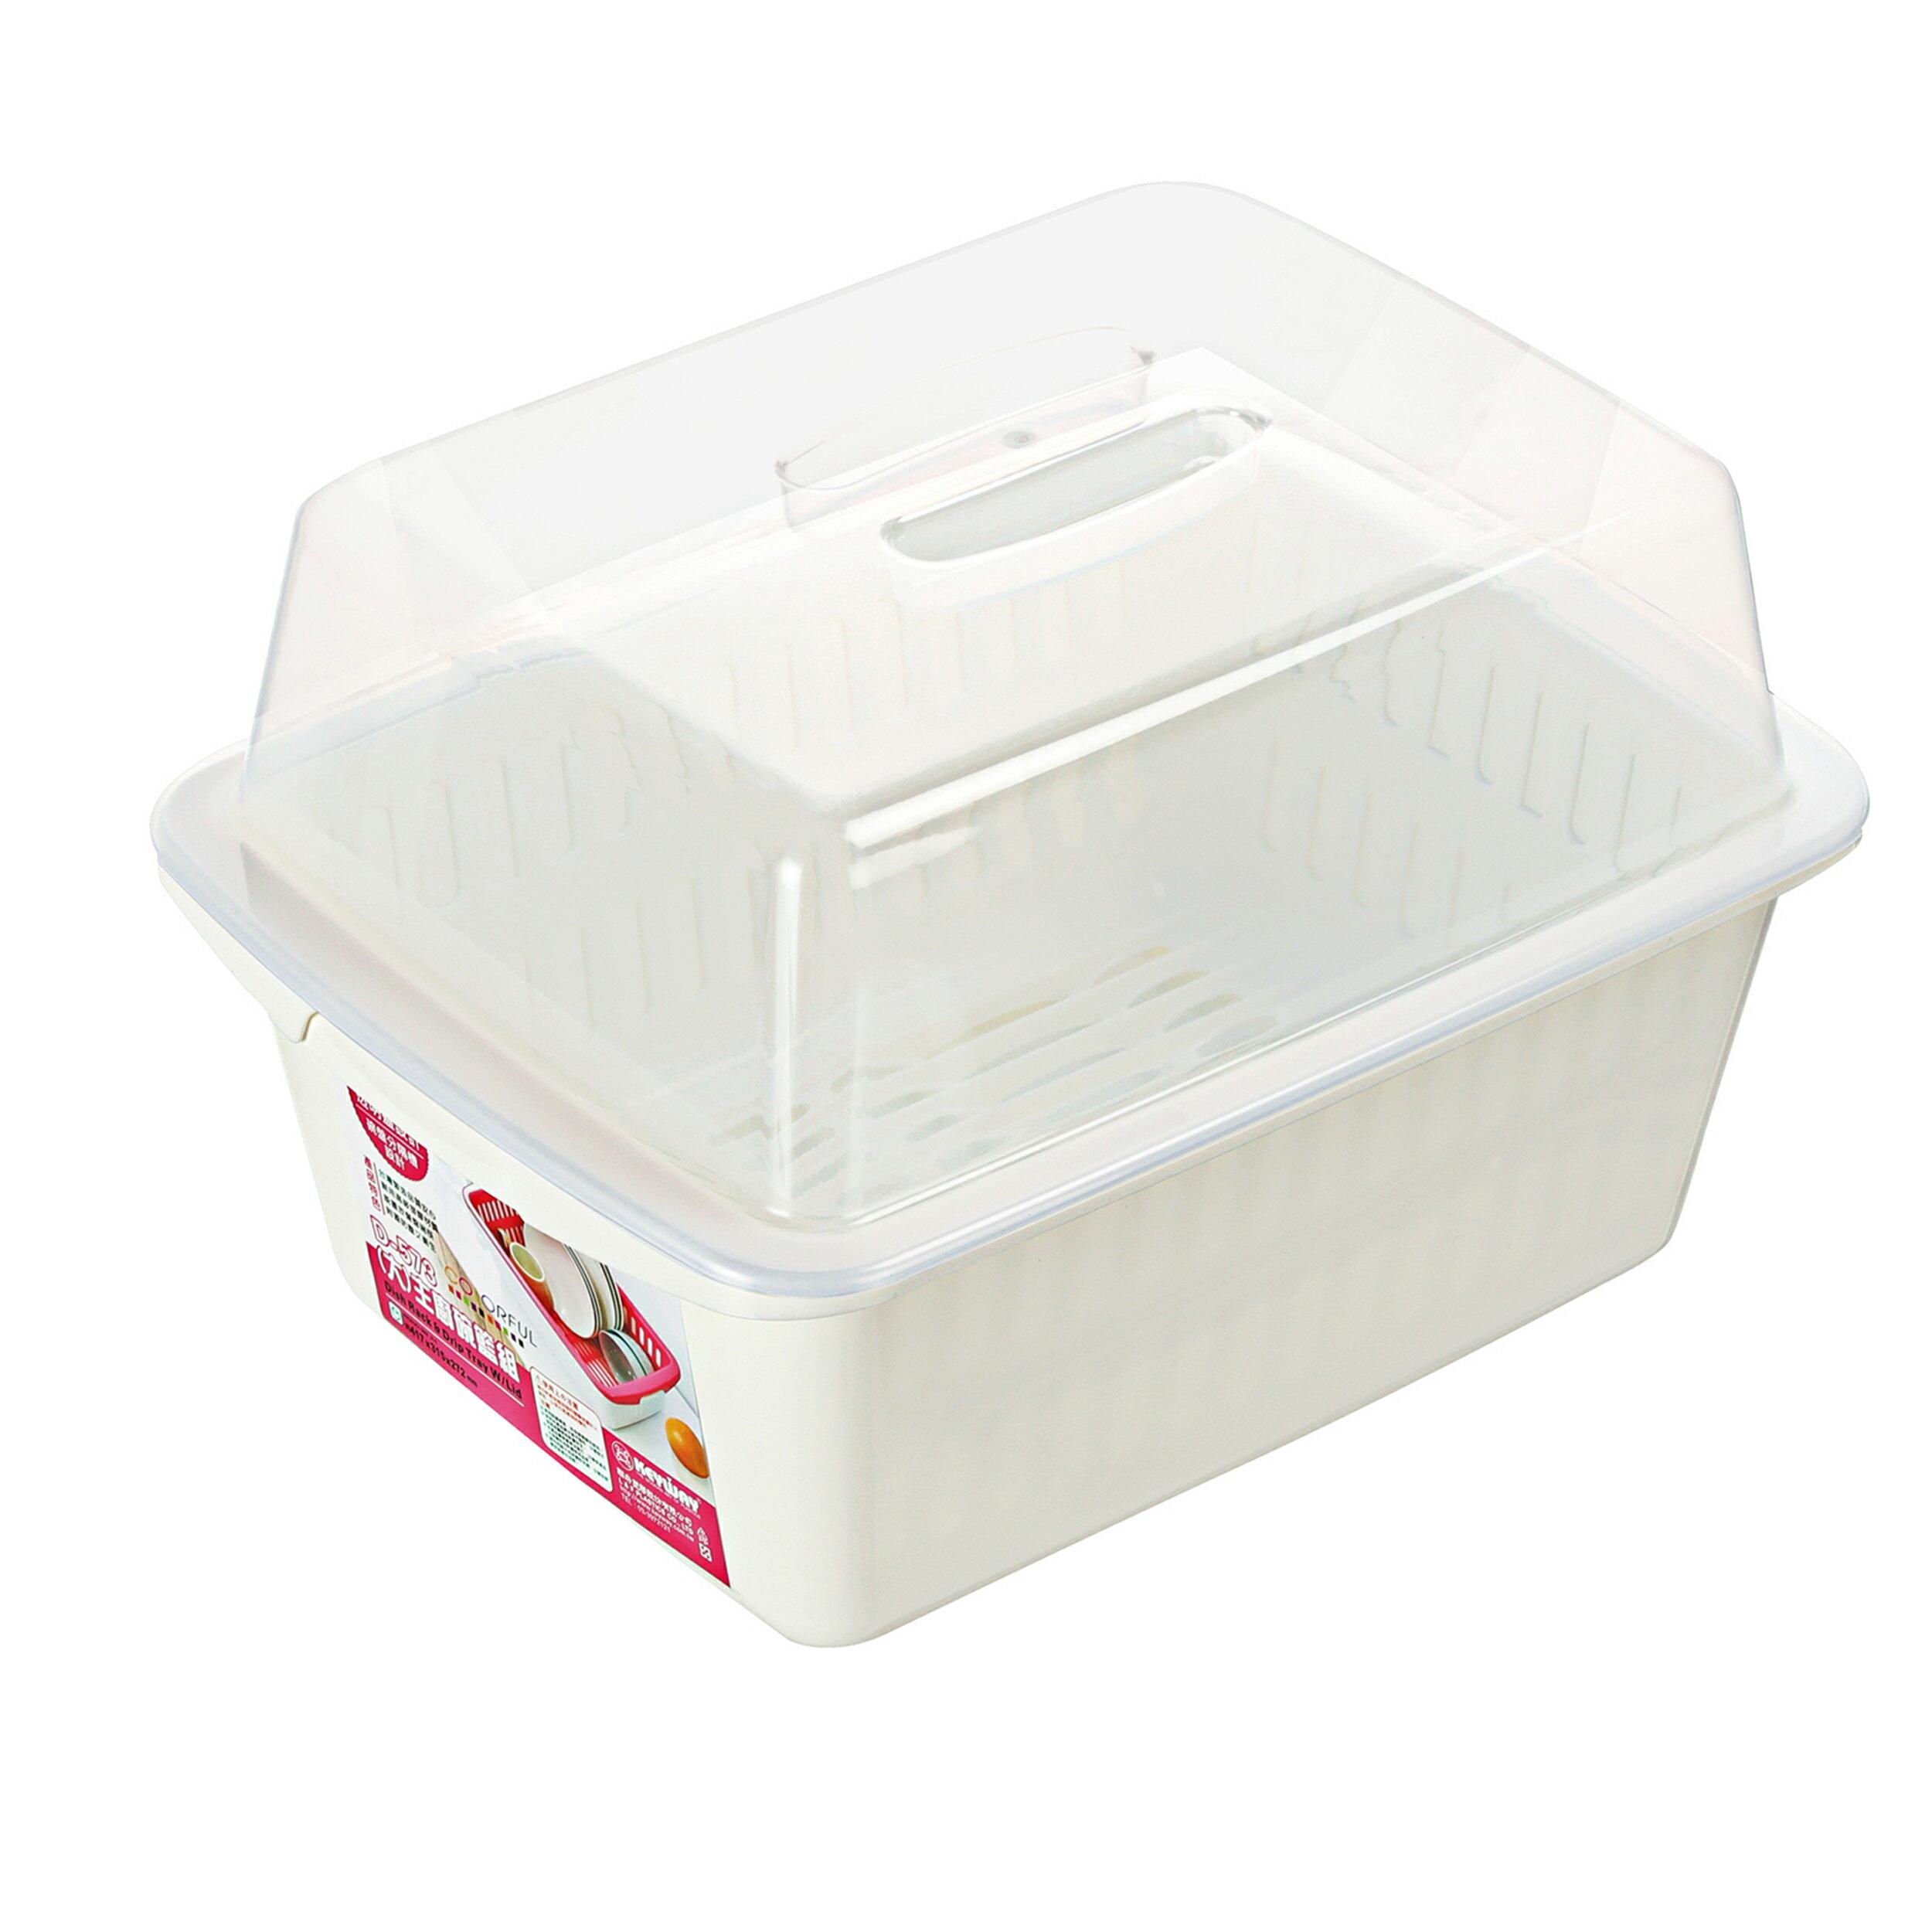 餐具收納/碗籃組/MIT台灣製造  (大)主廚碗籃組  D-573  KEYWAY聯府